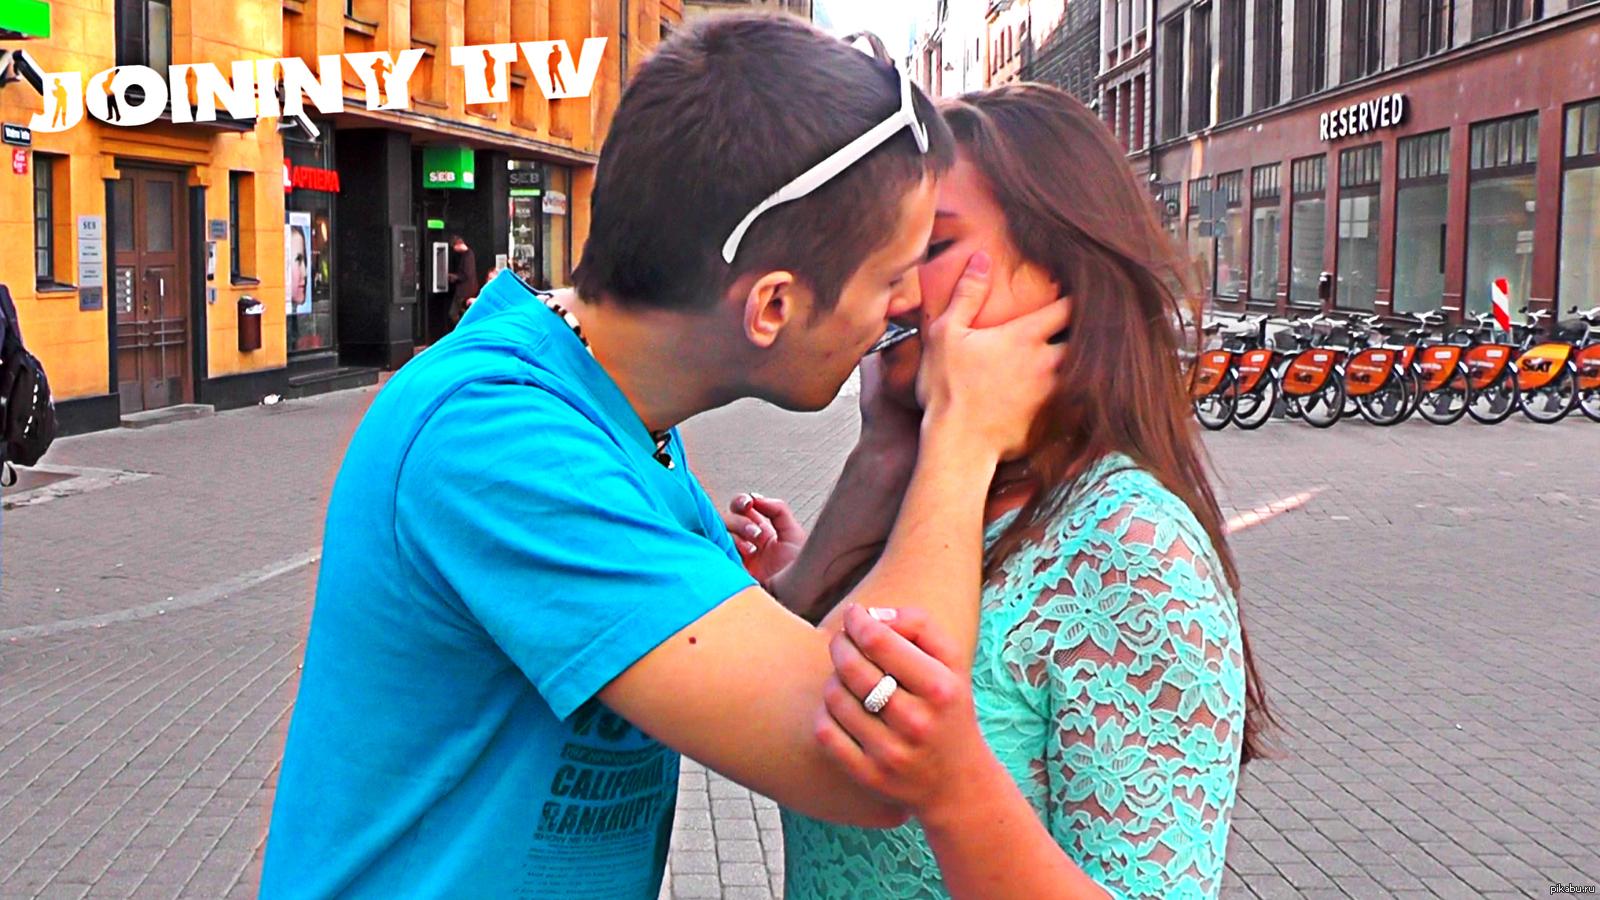 Студенты развели девушку на секс, Развел русскую студентку как дурочку - сказал что хочет 19 фотография